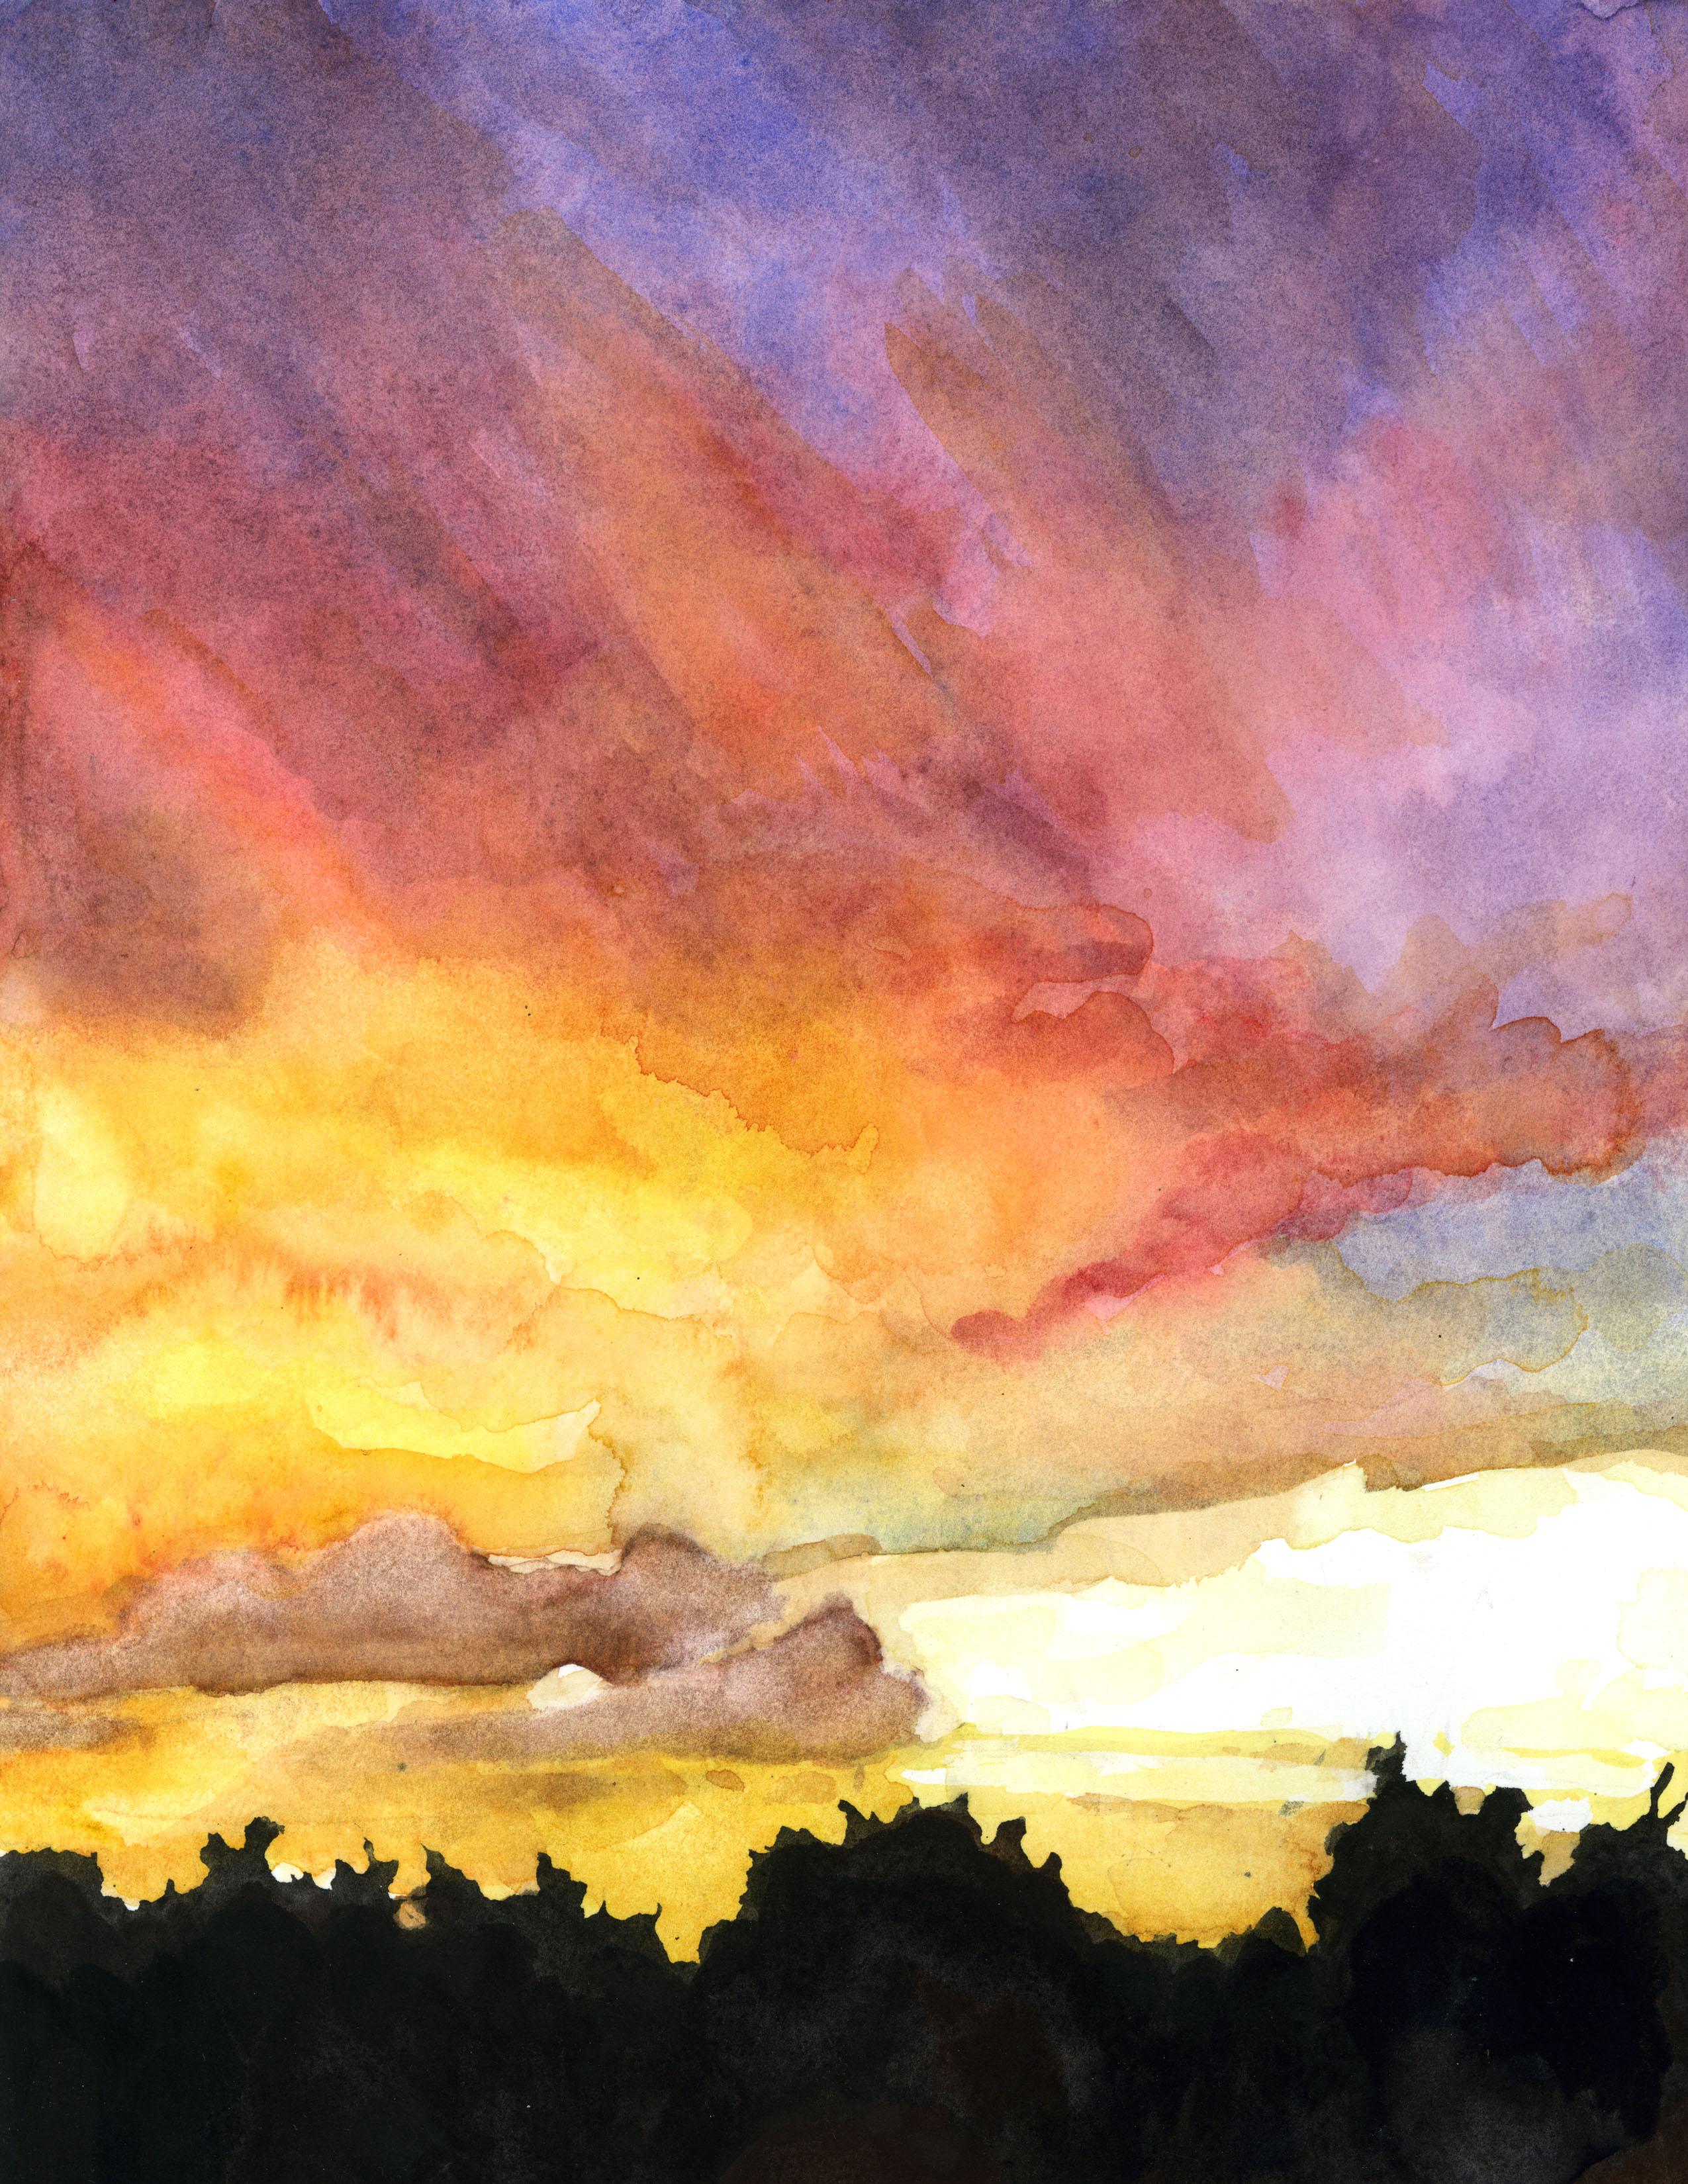 Stormy Sky Study